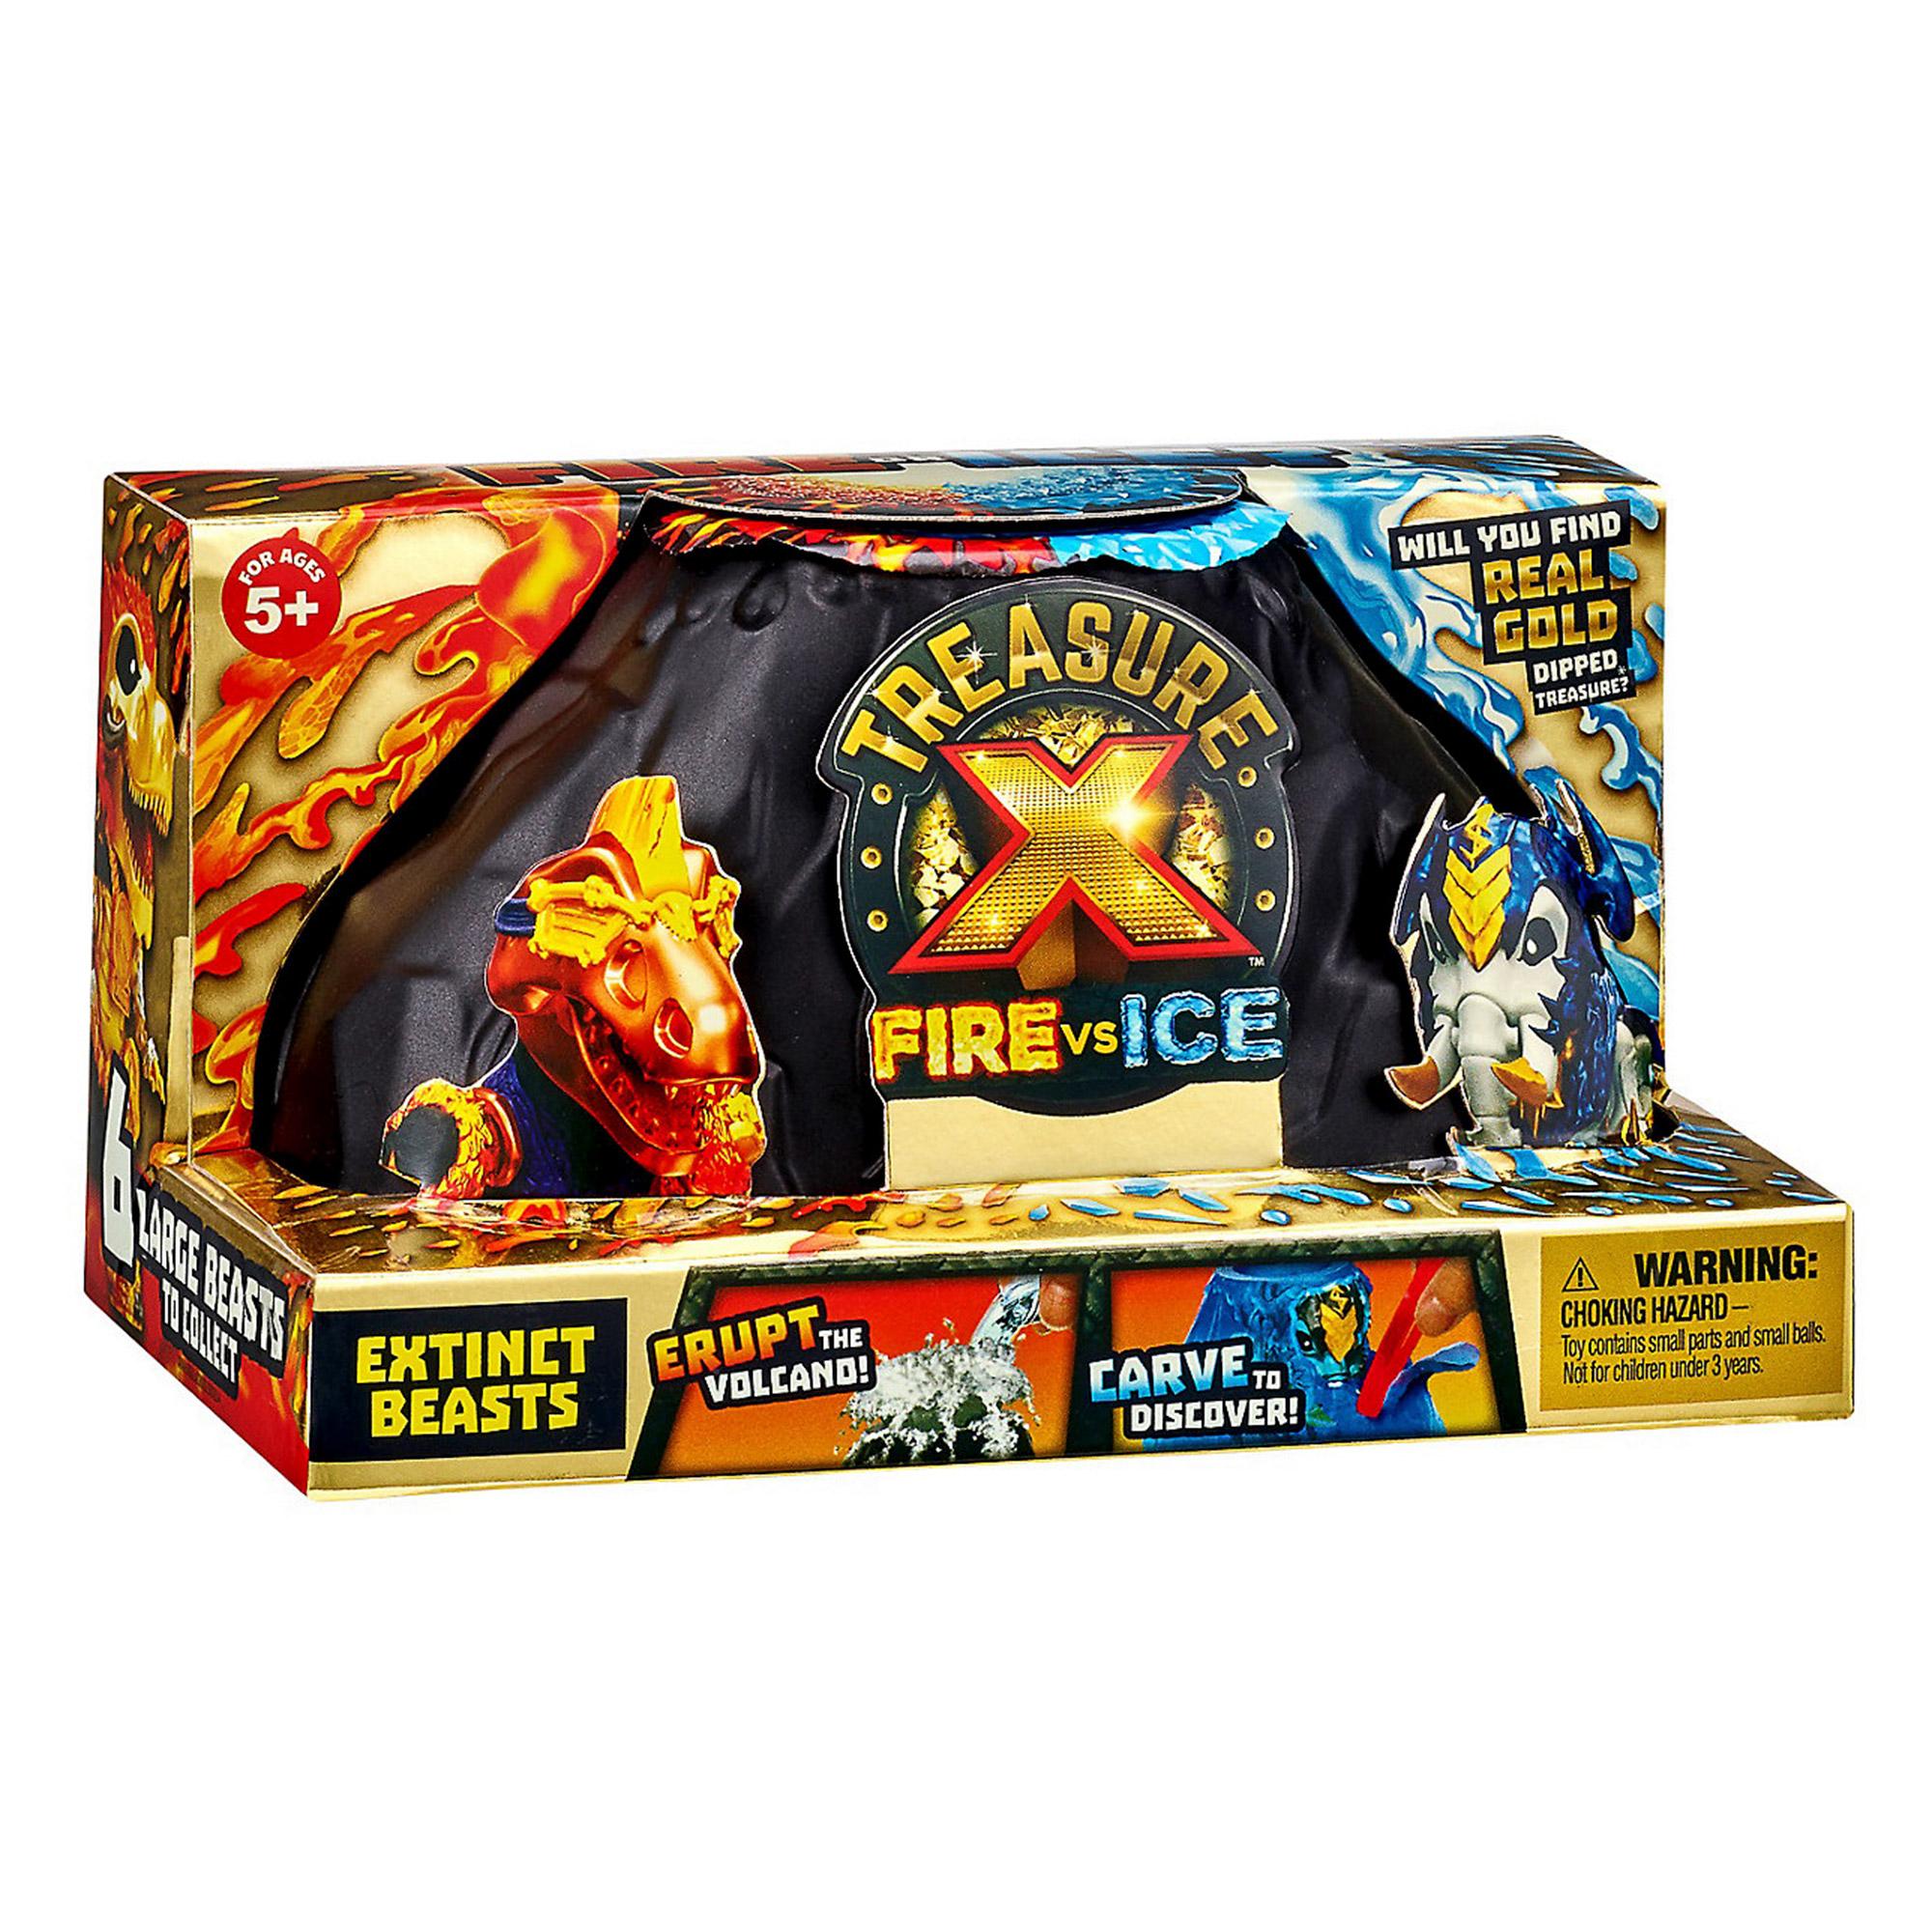 Игровой набор Moose Treasure X Вулкан Огонь vs Лед игровые наборы treasure x набор вулкан огонь vs лед